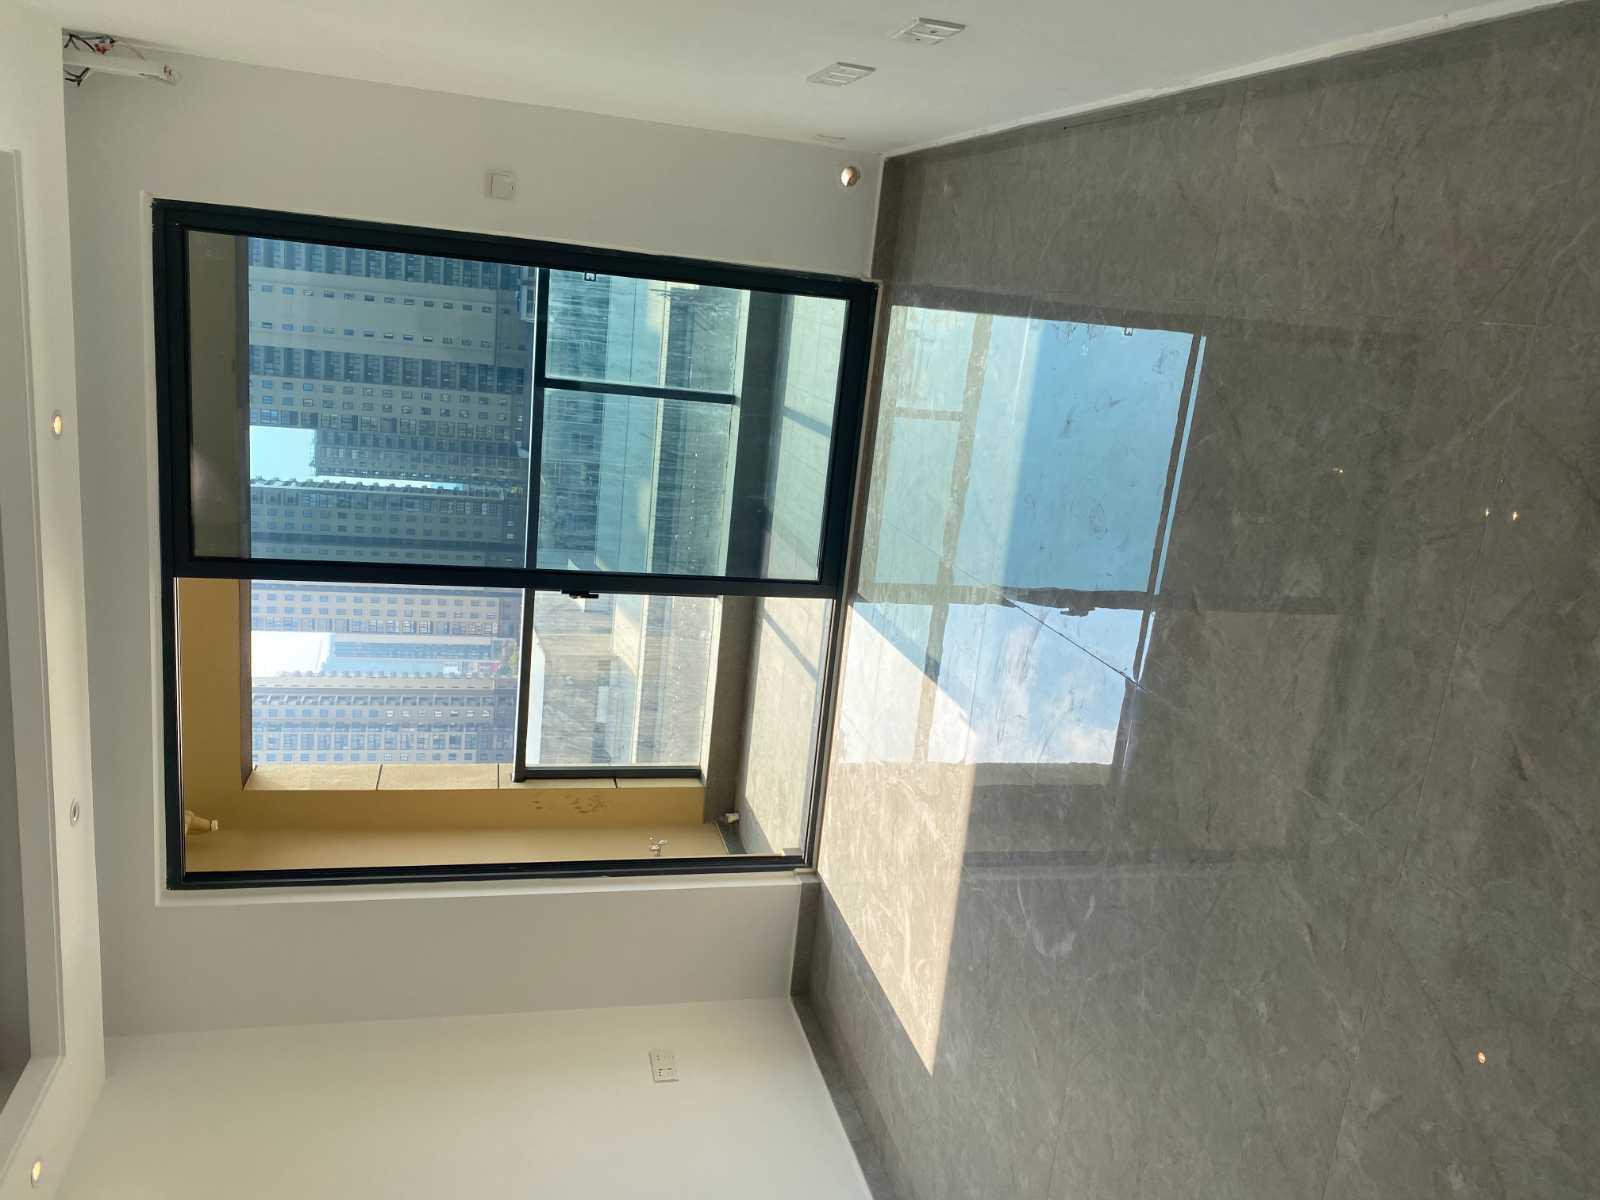 A12261出租新房名士颐景园63平,开发商精装空房,一室两厅一厨一卫,车位两个,2000/月的实拍照片